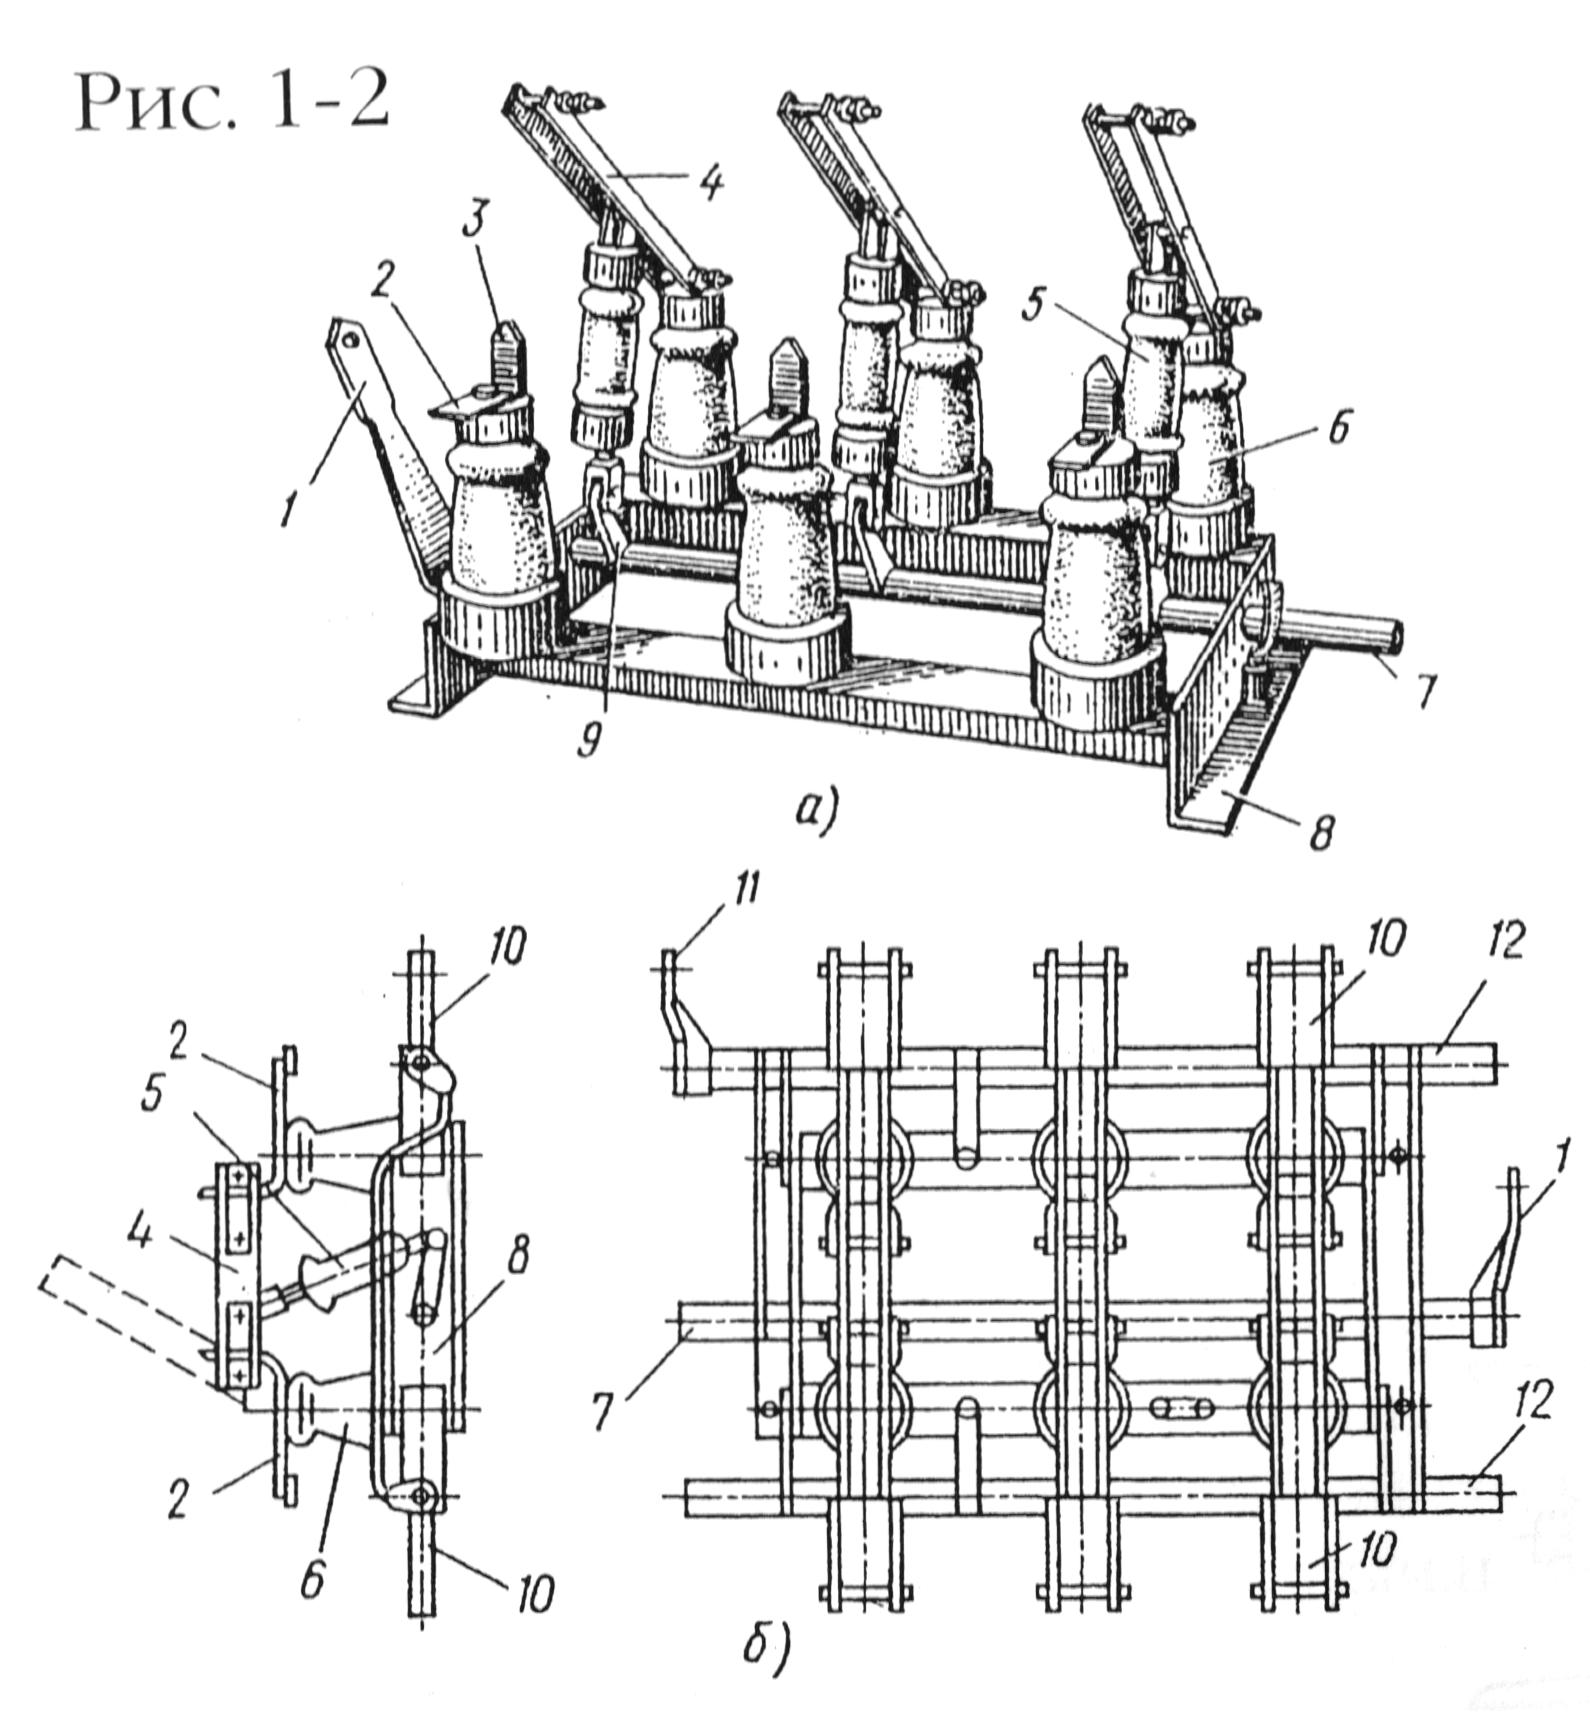 Рис. 1-2. Разъединитель трехполюсный внутренней установки РВ и РВЗ.